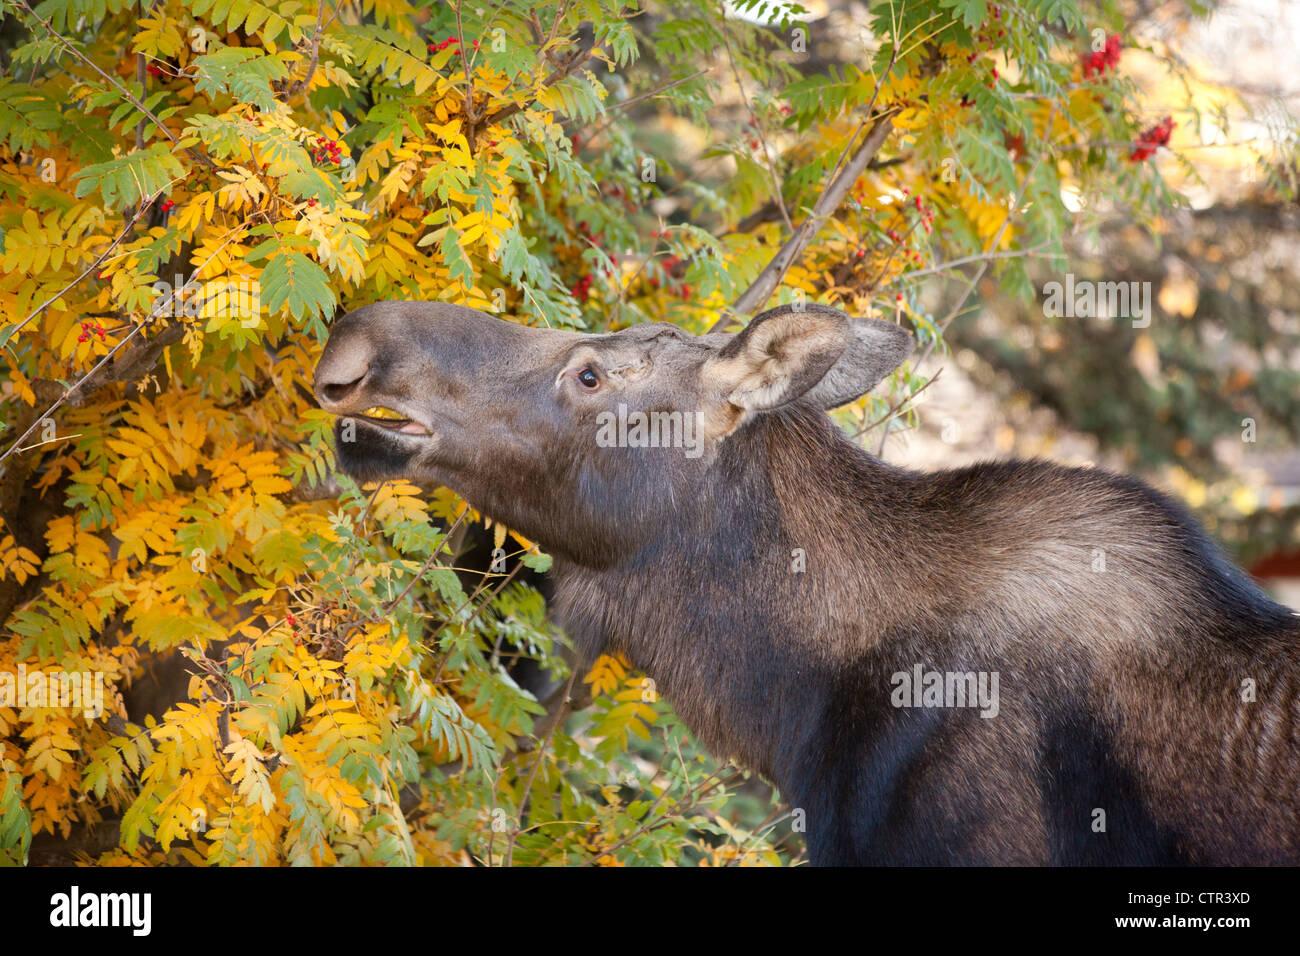 Elch Kuh frisst von Mountain Ash Bäumen in einer Nachbarschaft, Anchorage, Alaska Yunan, Herbst Stockbild